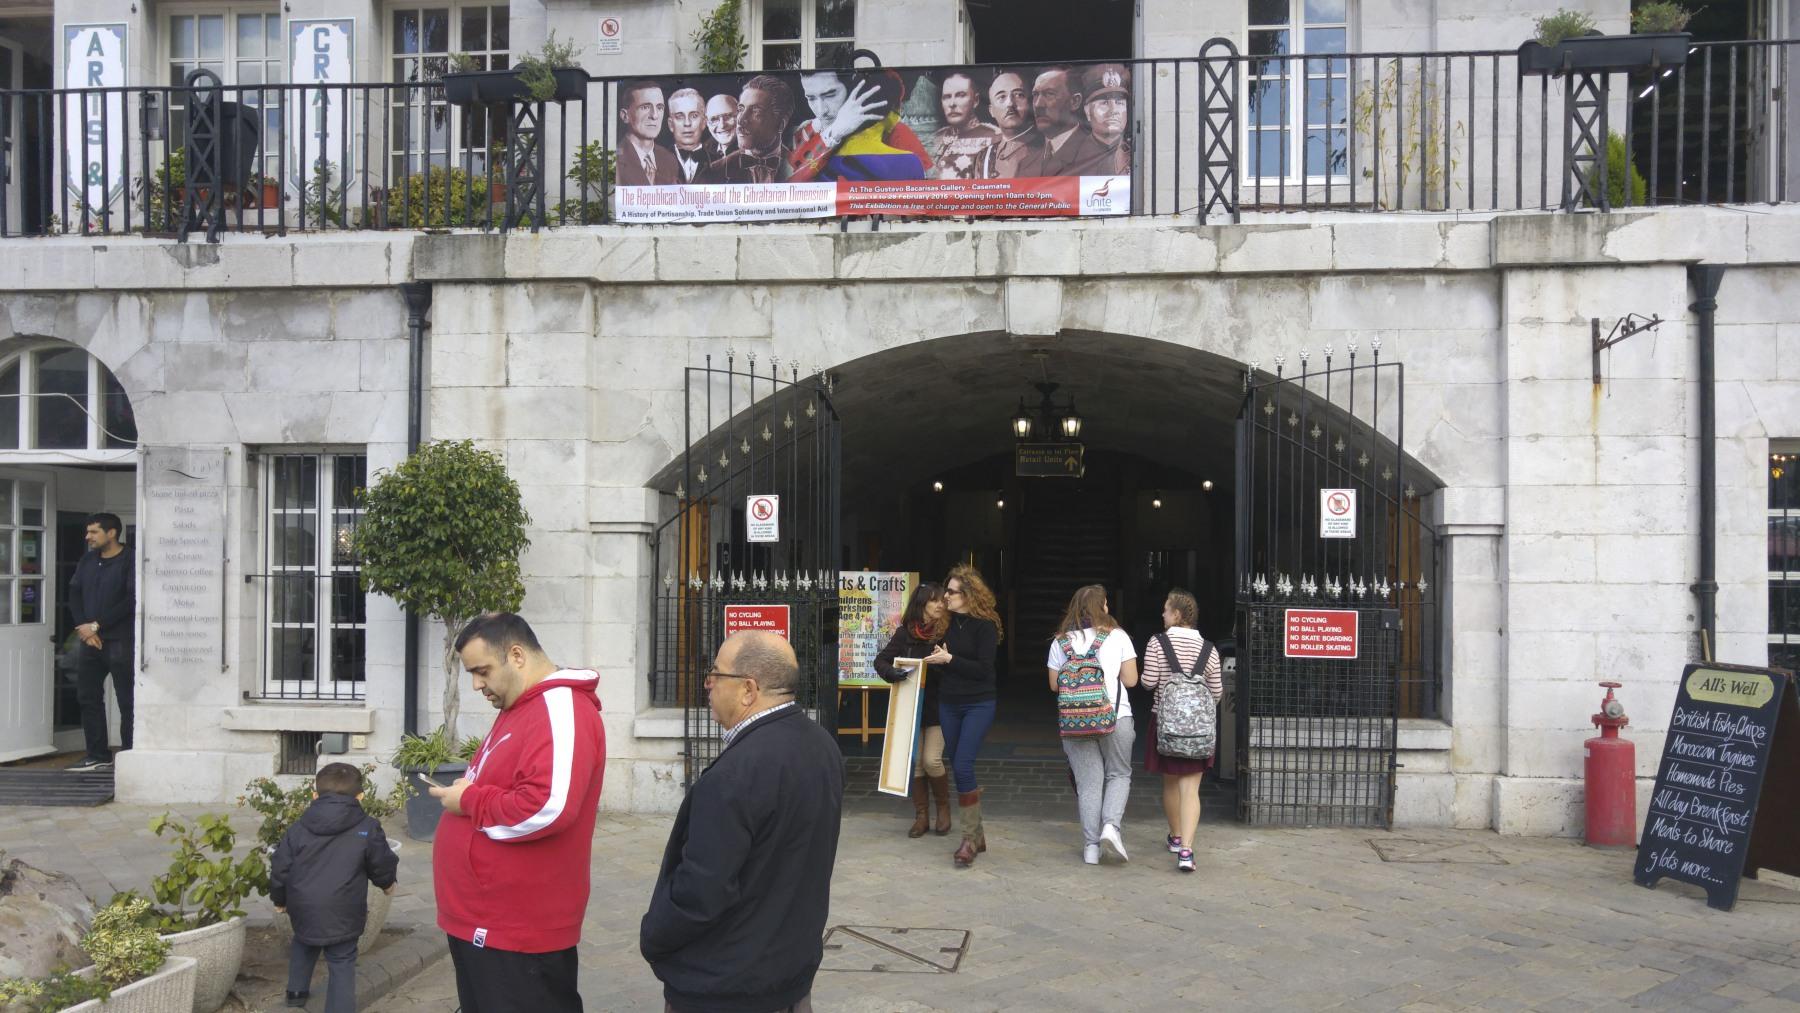 17-febrero-2015-exposicin-gibraltar-y-la-guerra-civil-espaola-42_24970469192_o